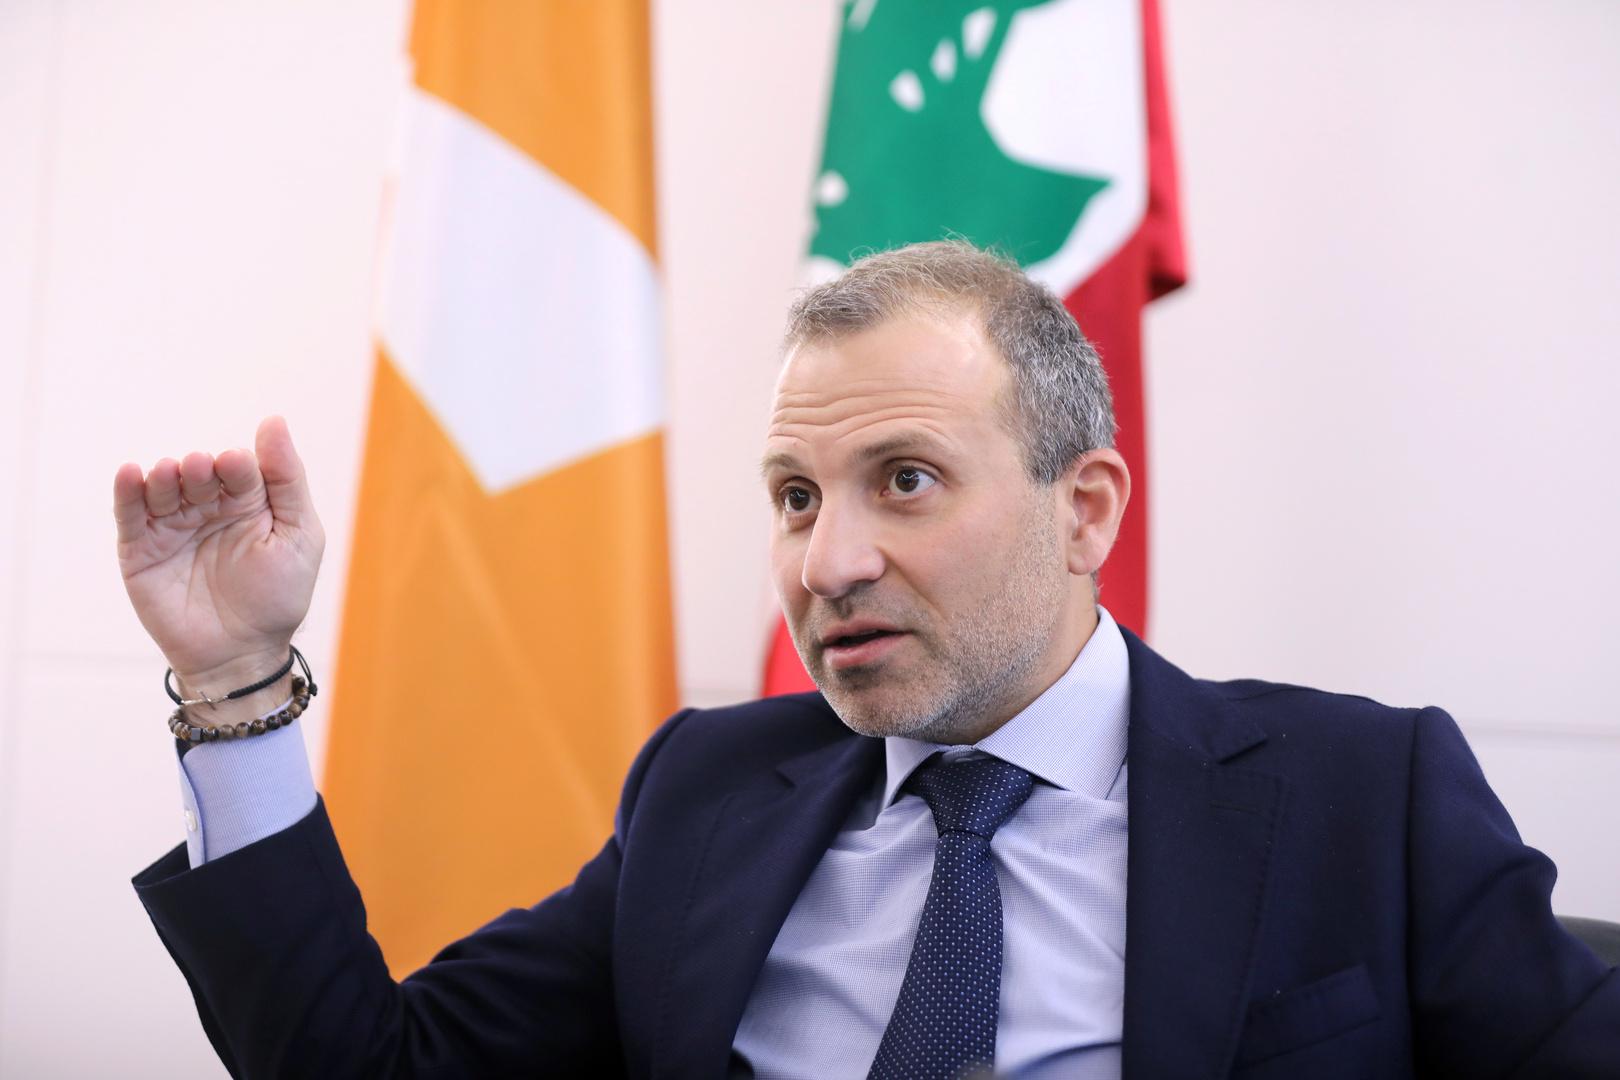 جبران باسيل: إسرائيل طرحت على لبنان استسلاما وتريد تفتيت البلاد وأن يترك المسيحيون المنطقة